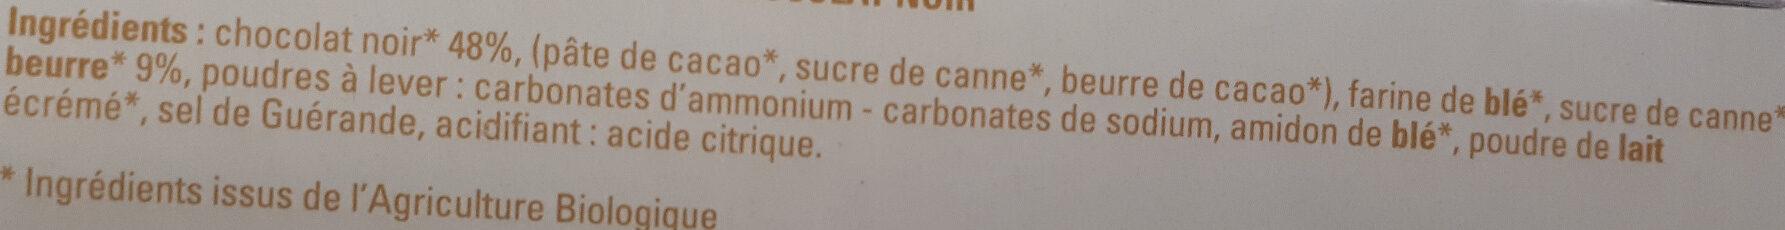 Petit beurre avec tablette de chocolat noir bio - Ingredients - fr